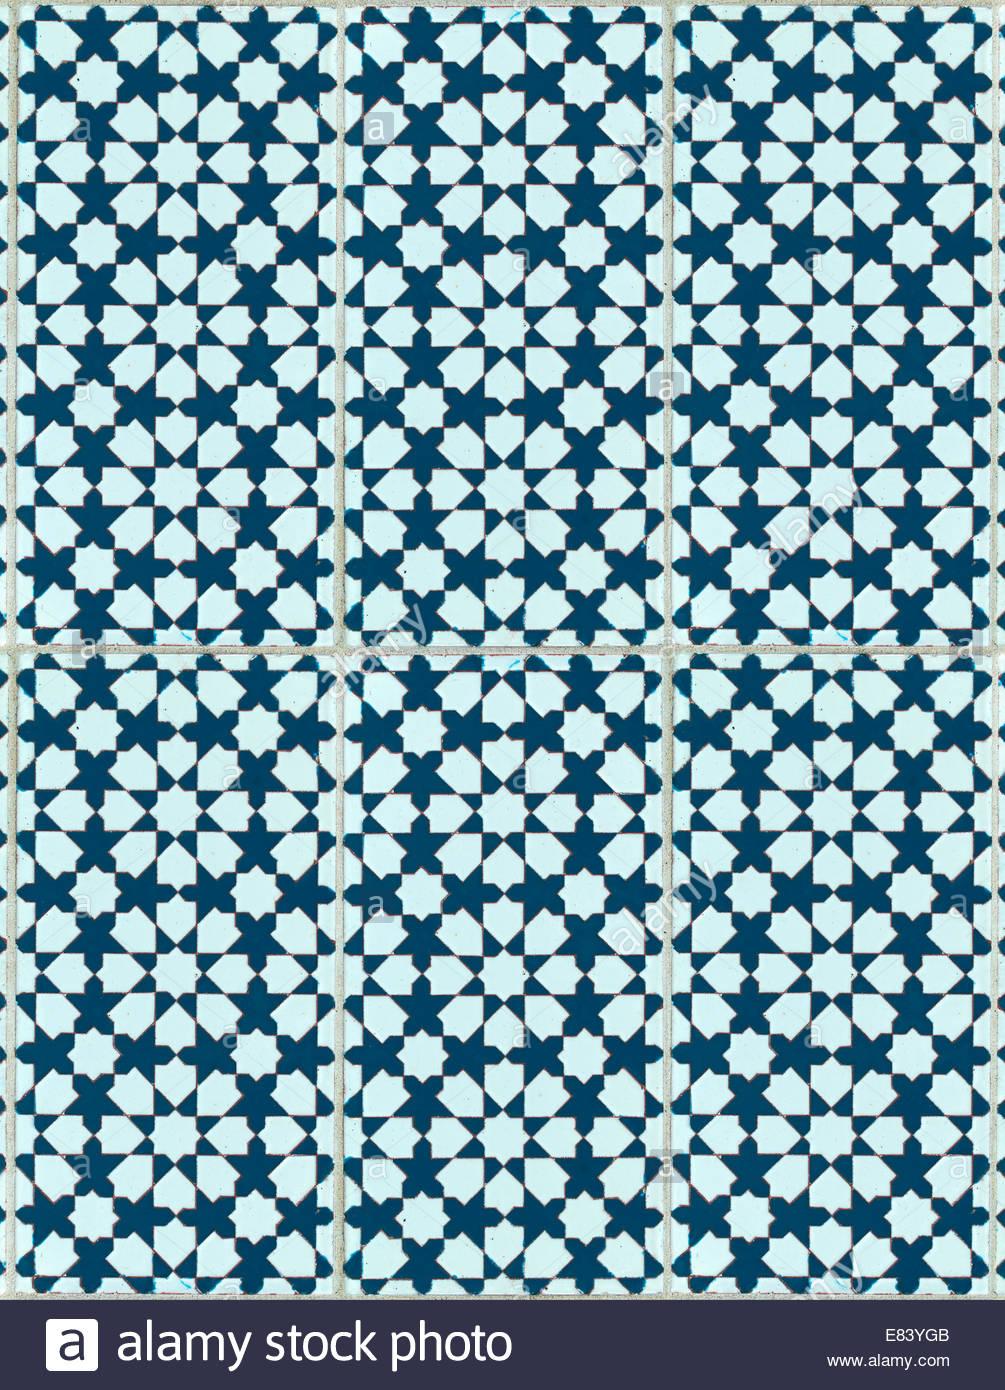 Hintergründe und Texturen von komplizierten keramischen Fliesen Design in einem sich wiederholenden Muster. Stockbild